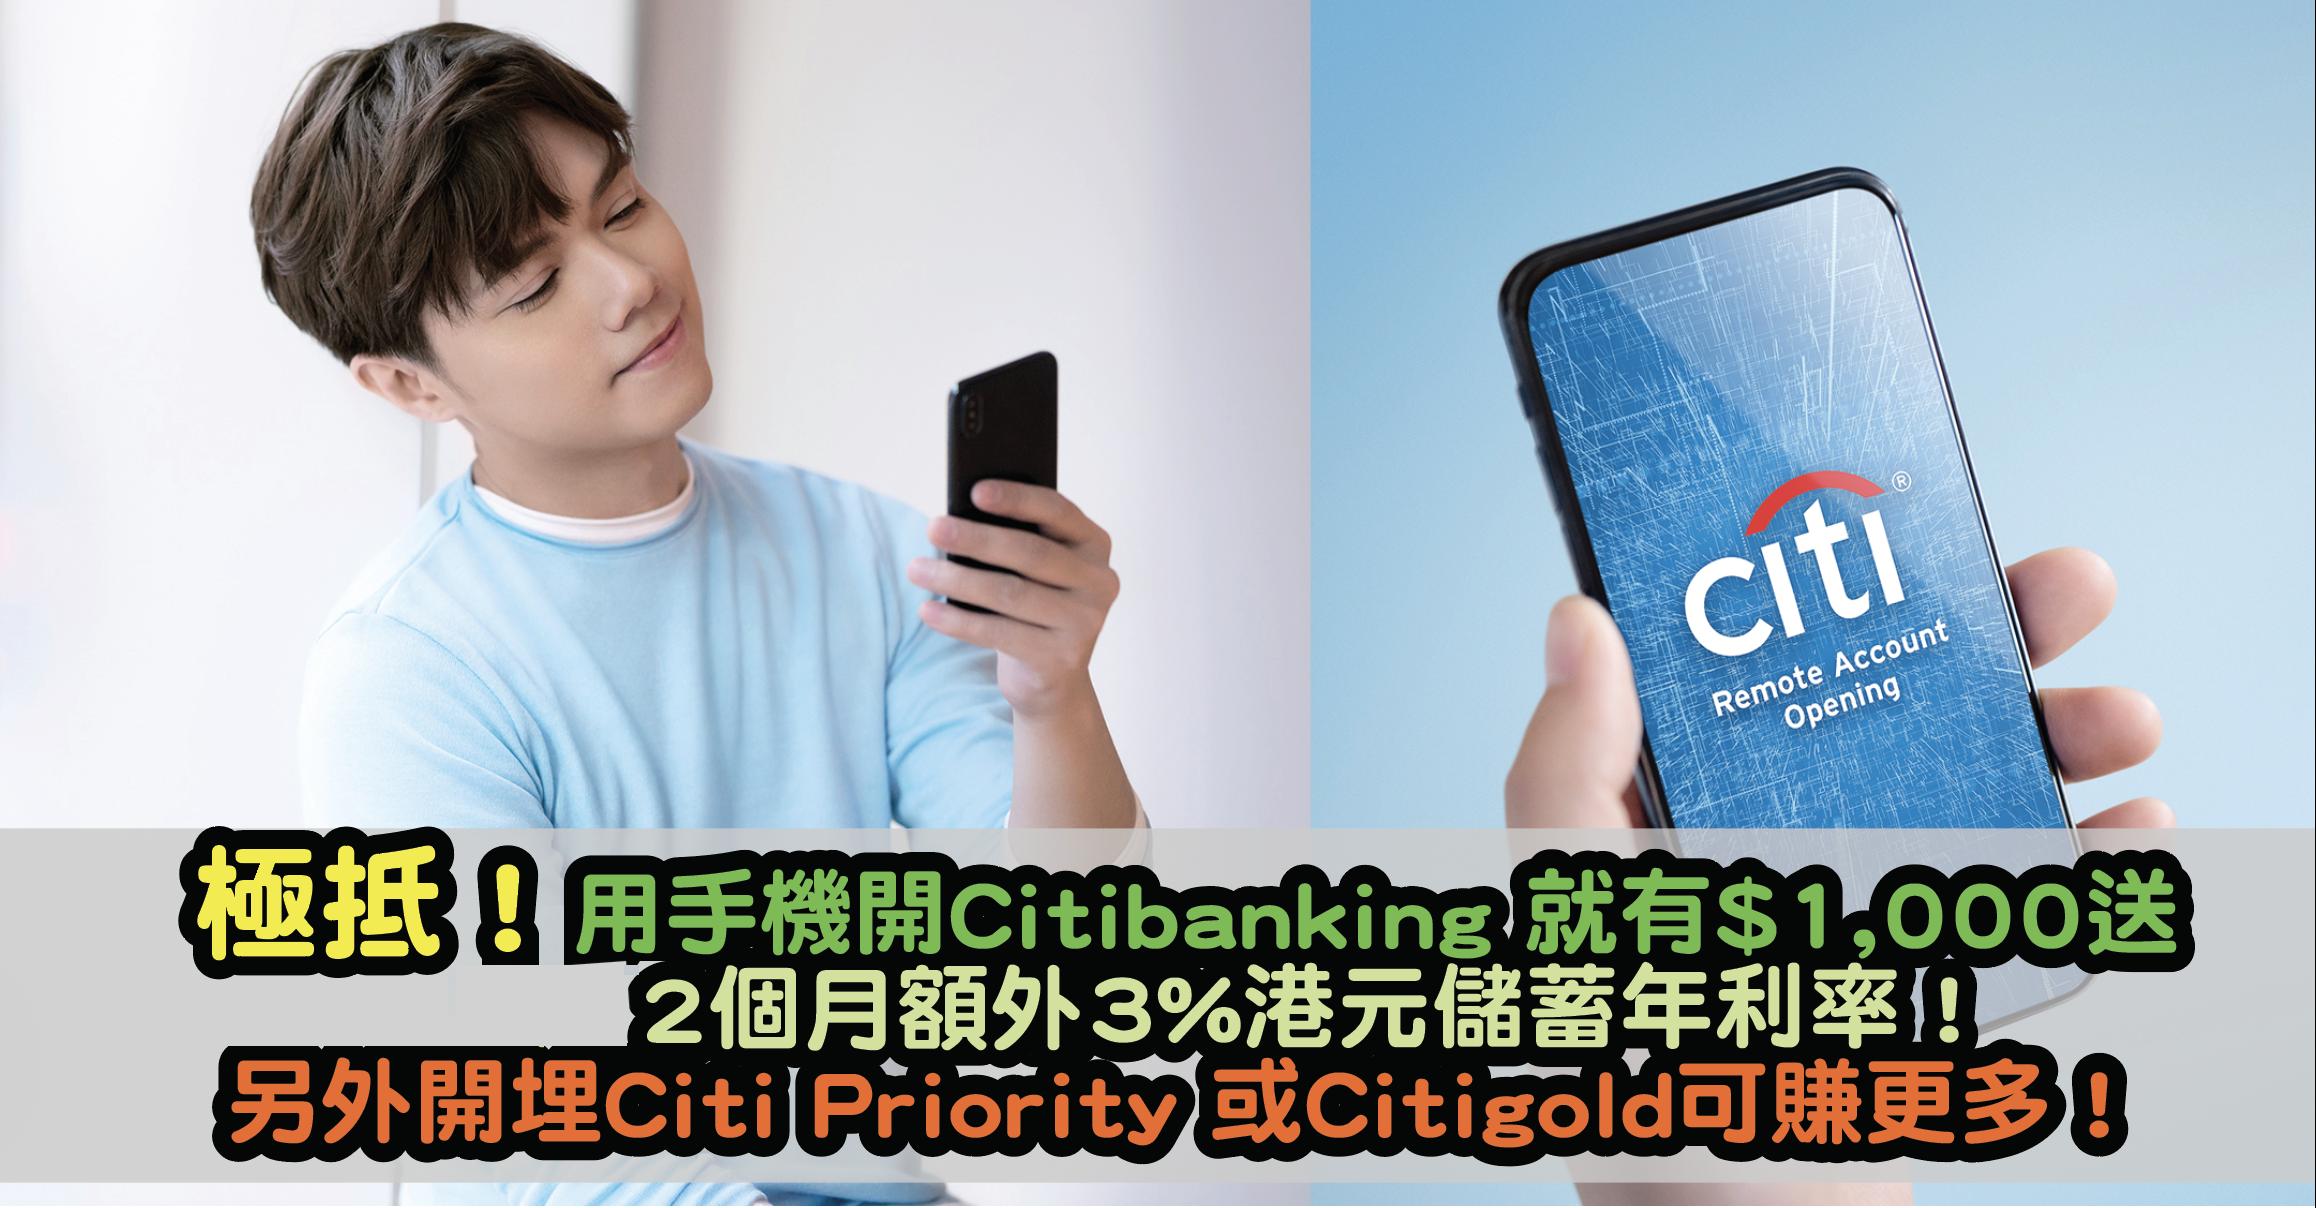 極抵!用手機開Citibanking 就有$1,000送 + 2個月額外3%港元儲蓄年利率!另外開埋Citi Priority 或Citigold可賺更多!